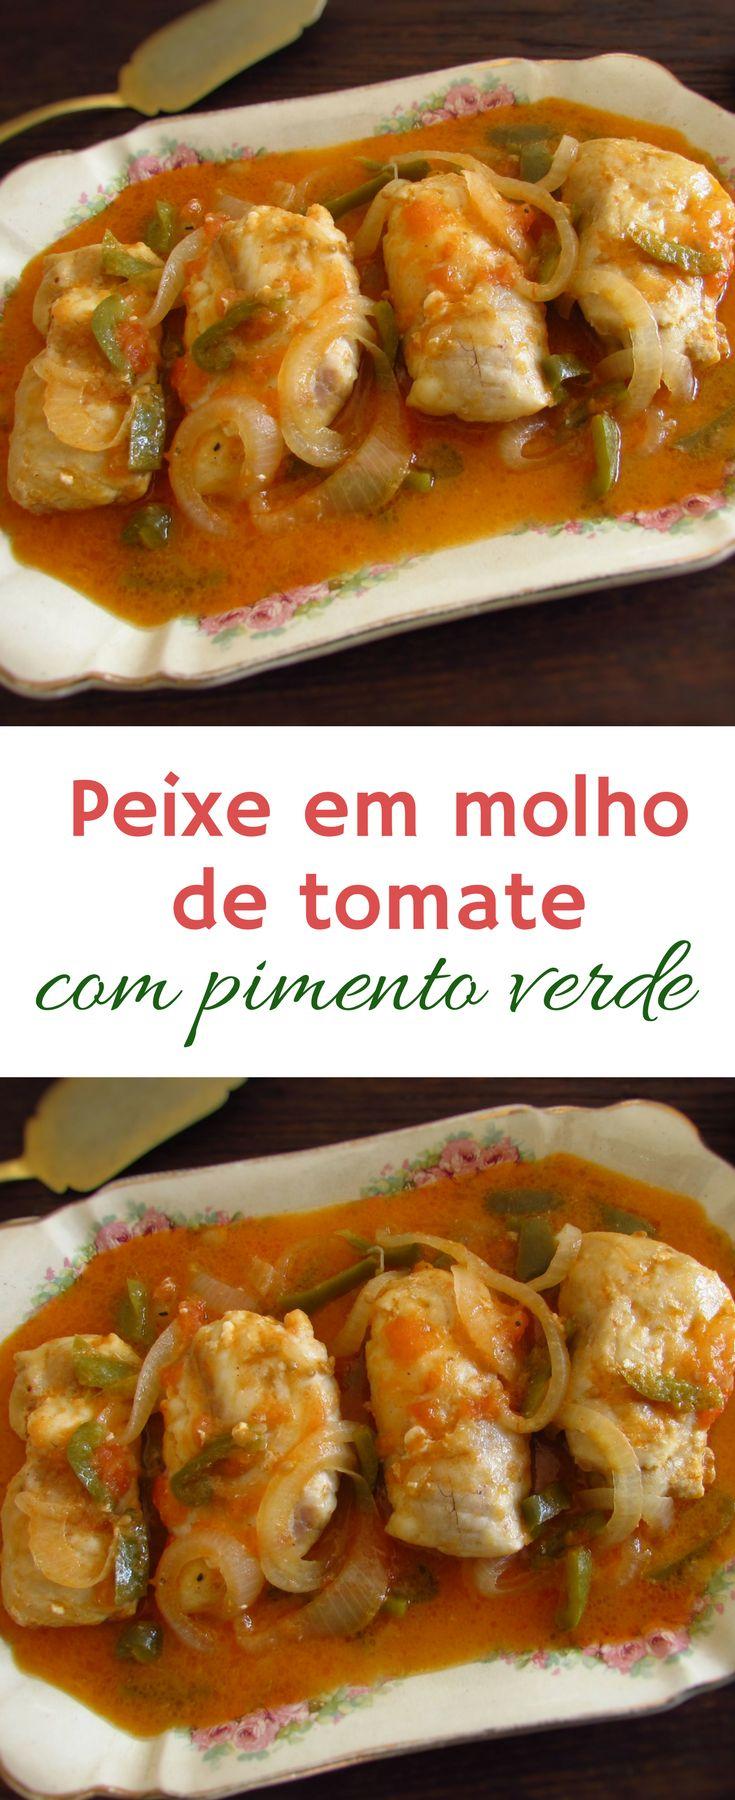 Peixe em molho de tomate com pimento verde | Food From Portugal. Há muitas formas de cozinhar peixe de forma atrativa e deliciosa para agradar a toda a família. Prepare peixe em molho de tomate com pimento verde, é uma receita simple que todos vão gostar!! #receita #peixe #tomate #molho